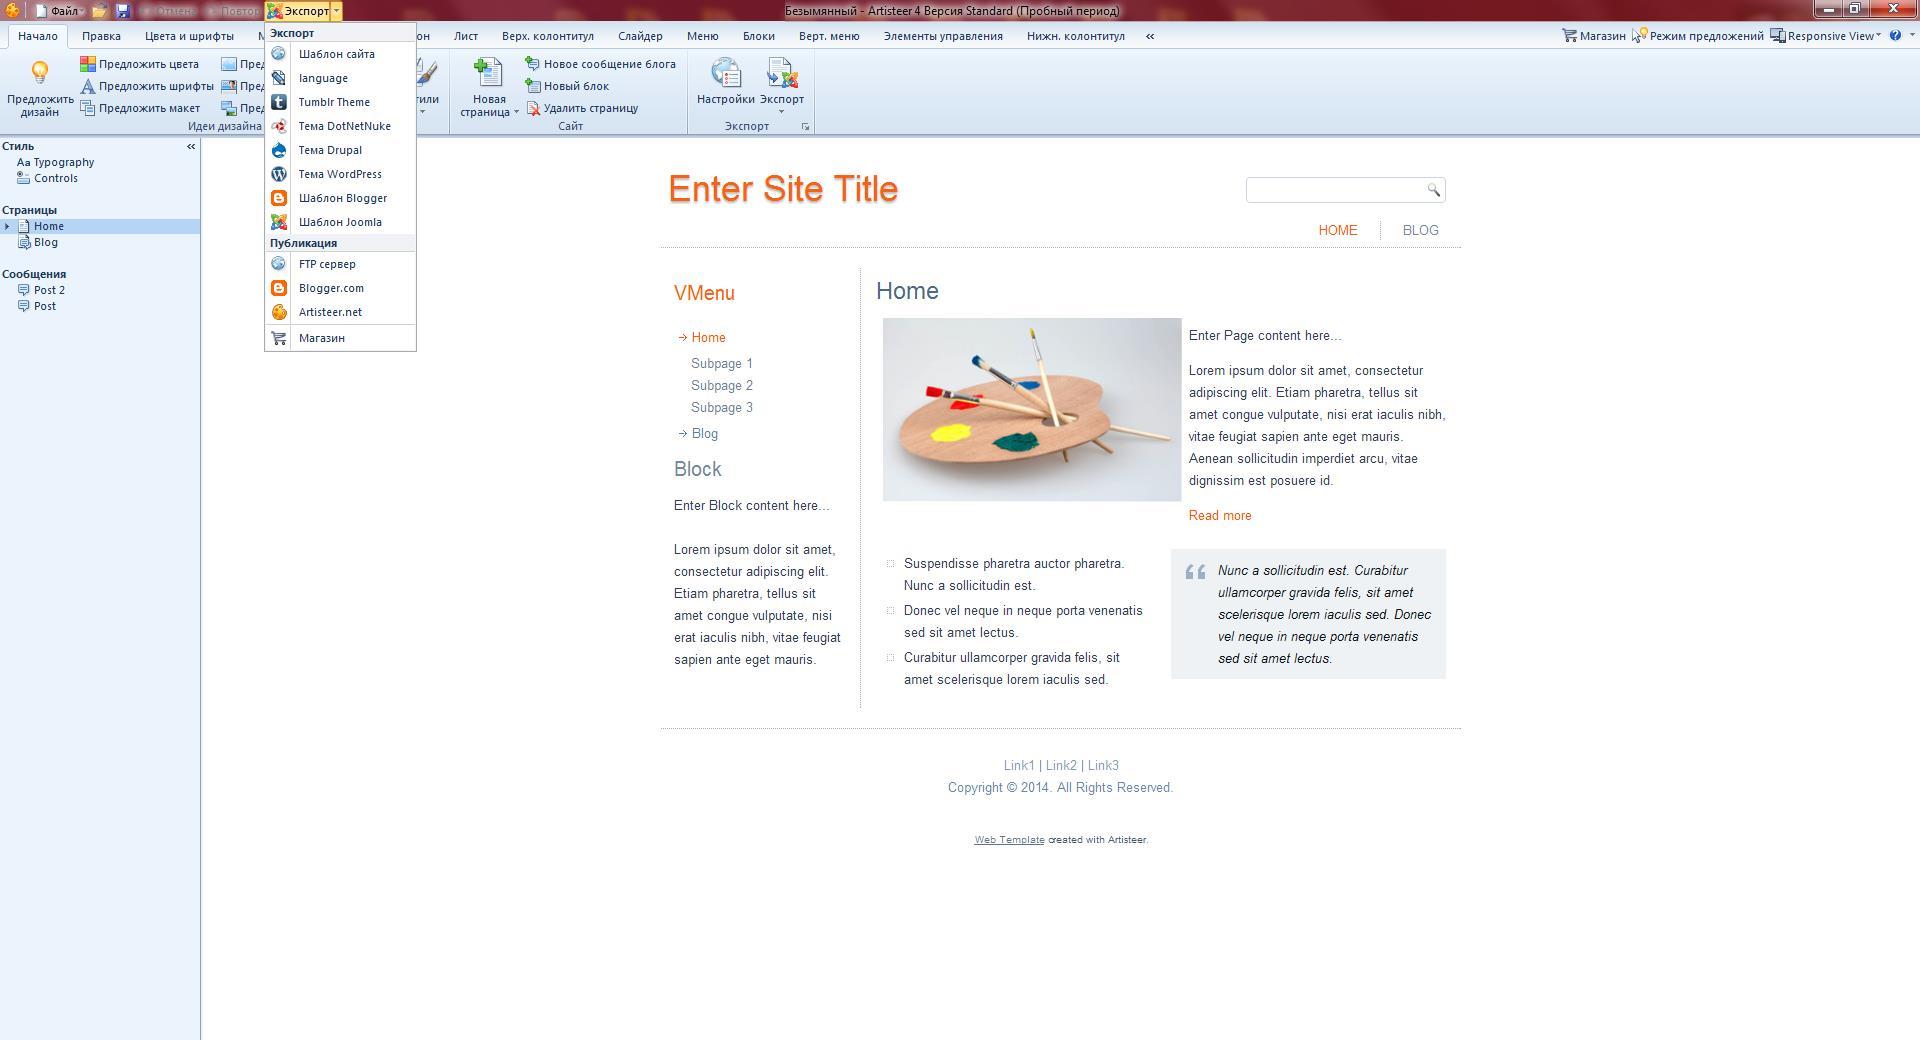 برنامج احترافي لتصميم وتجهيز قوالب المدونات الشهيرة باصدراه الاخير + التفعيل بالباتش